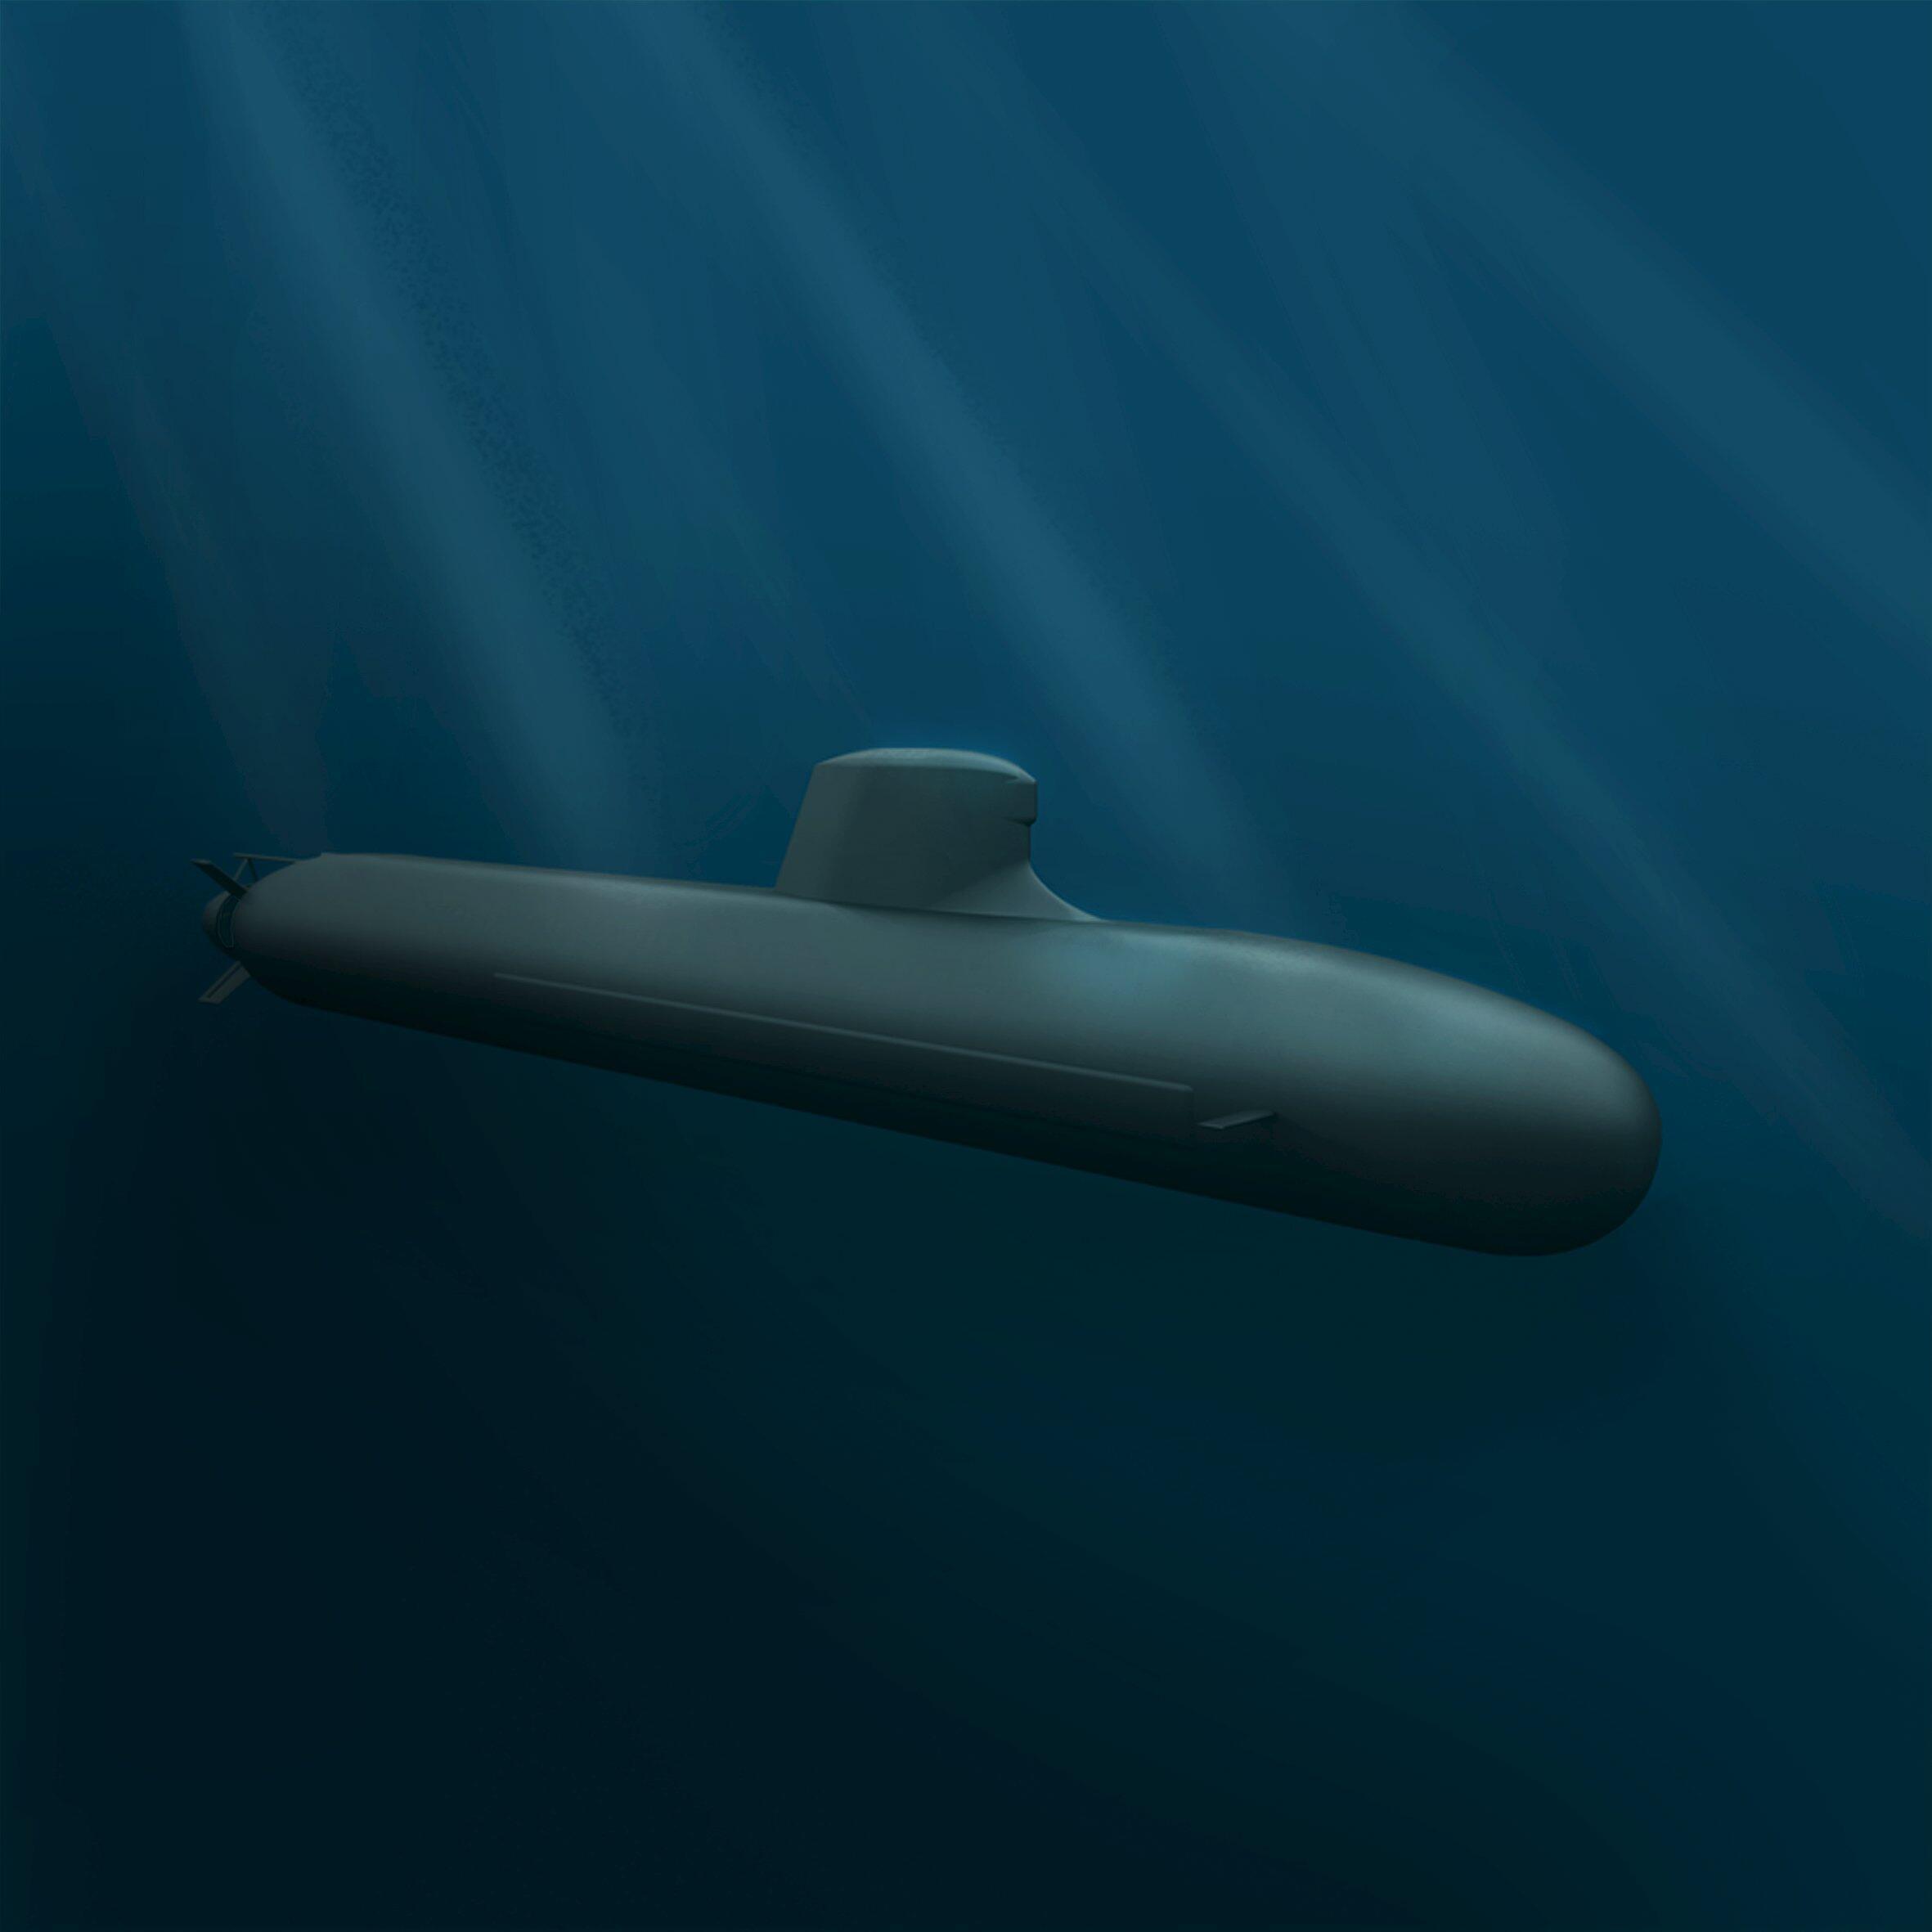 Tầu ngầm Barracuda, do hãng DCNS Pháp thiết kế riêng cho Hải quân Hoàng gia Úc.